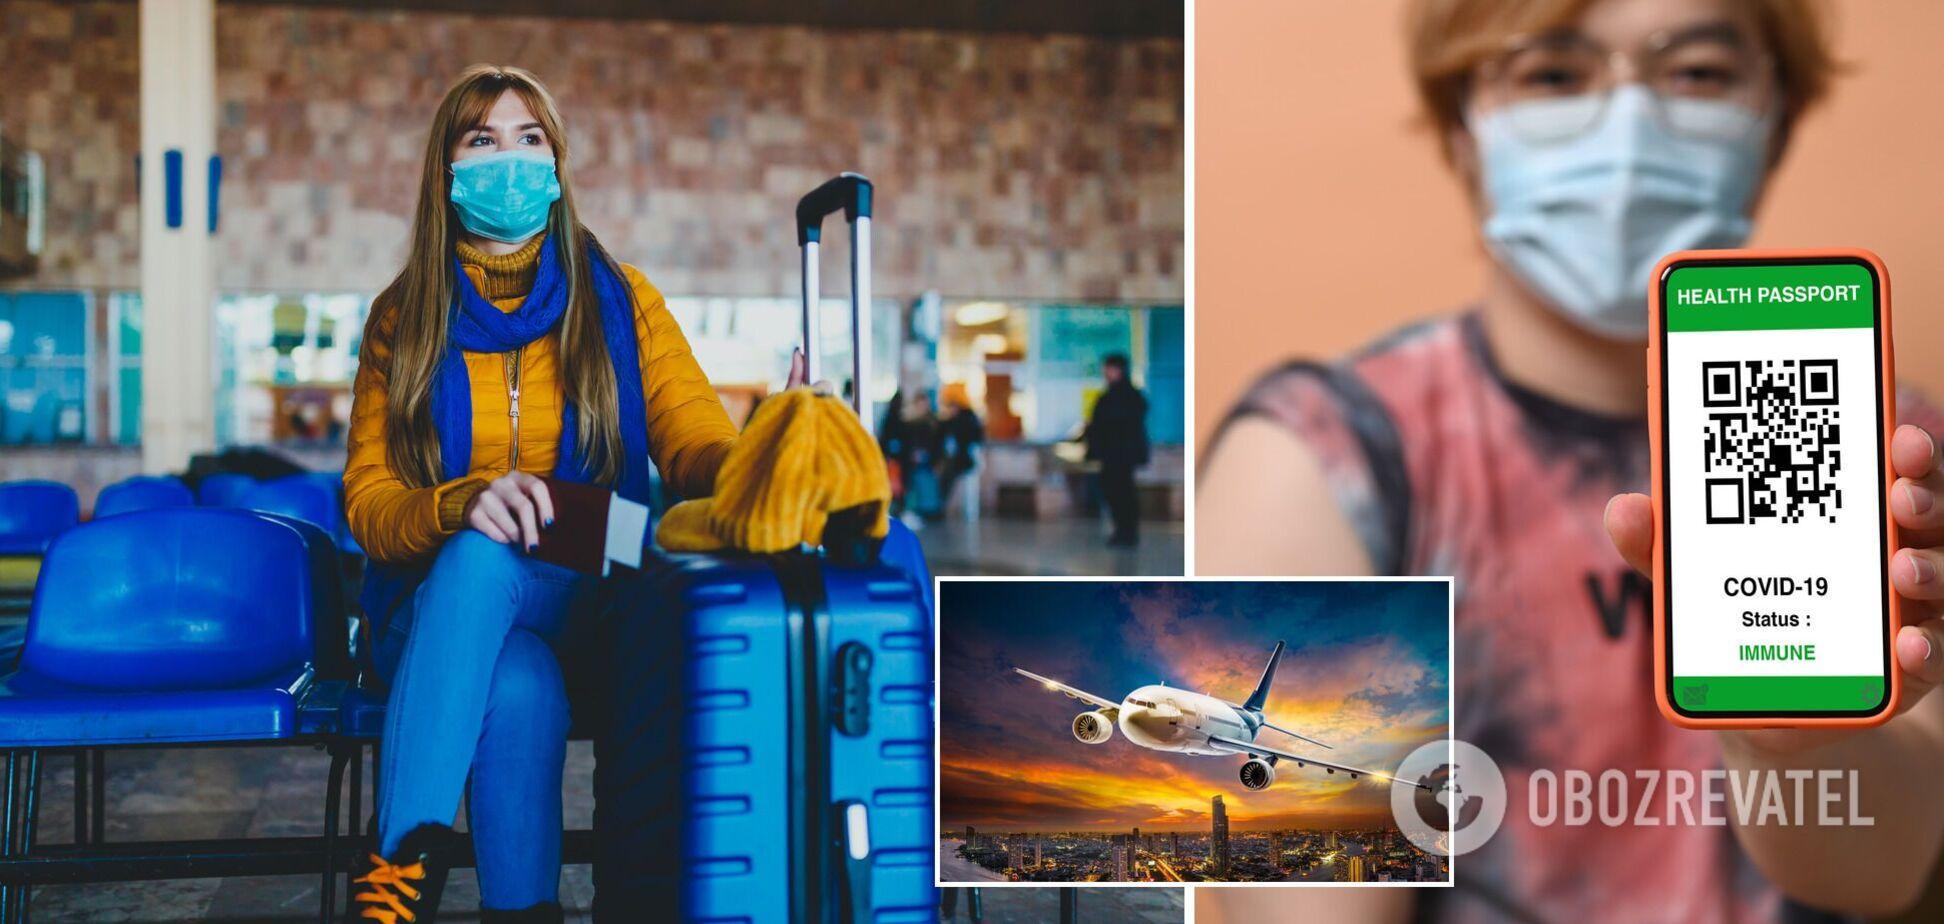 ЄС поки не планує вилучати Україну із 'зеленого списку' країн для подорожей, – журналіст